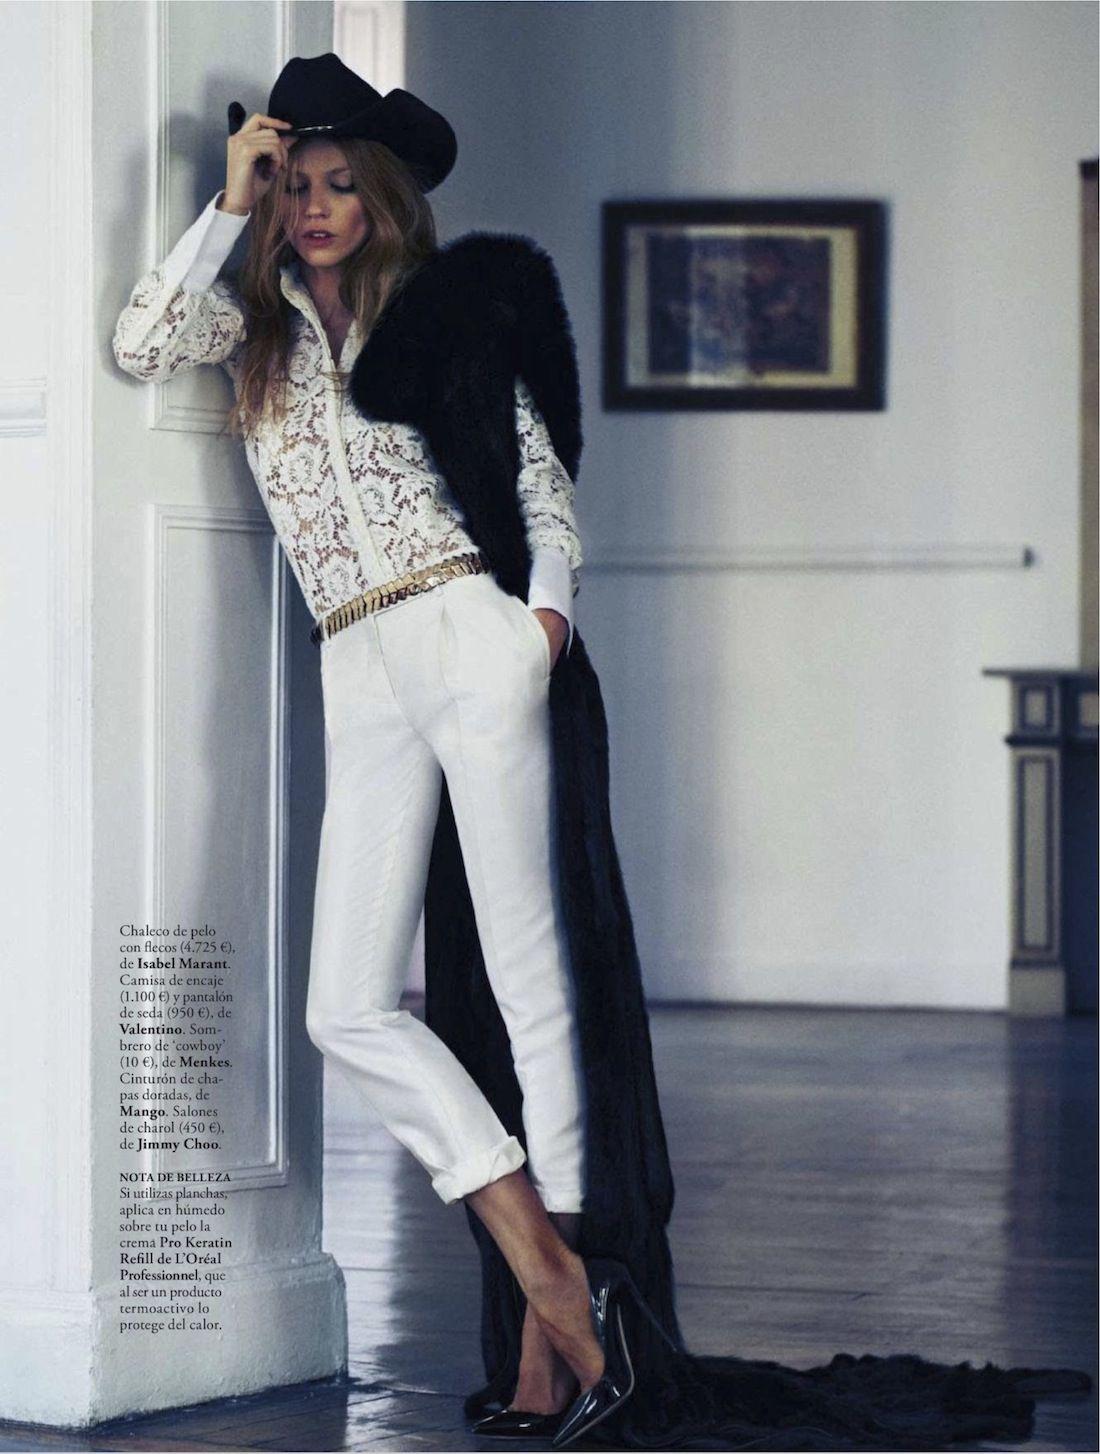 Masha-Novoselova-Xavi-Gordo-Elle-Spain-January-2013-7